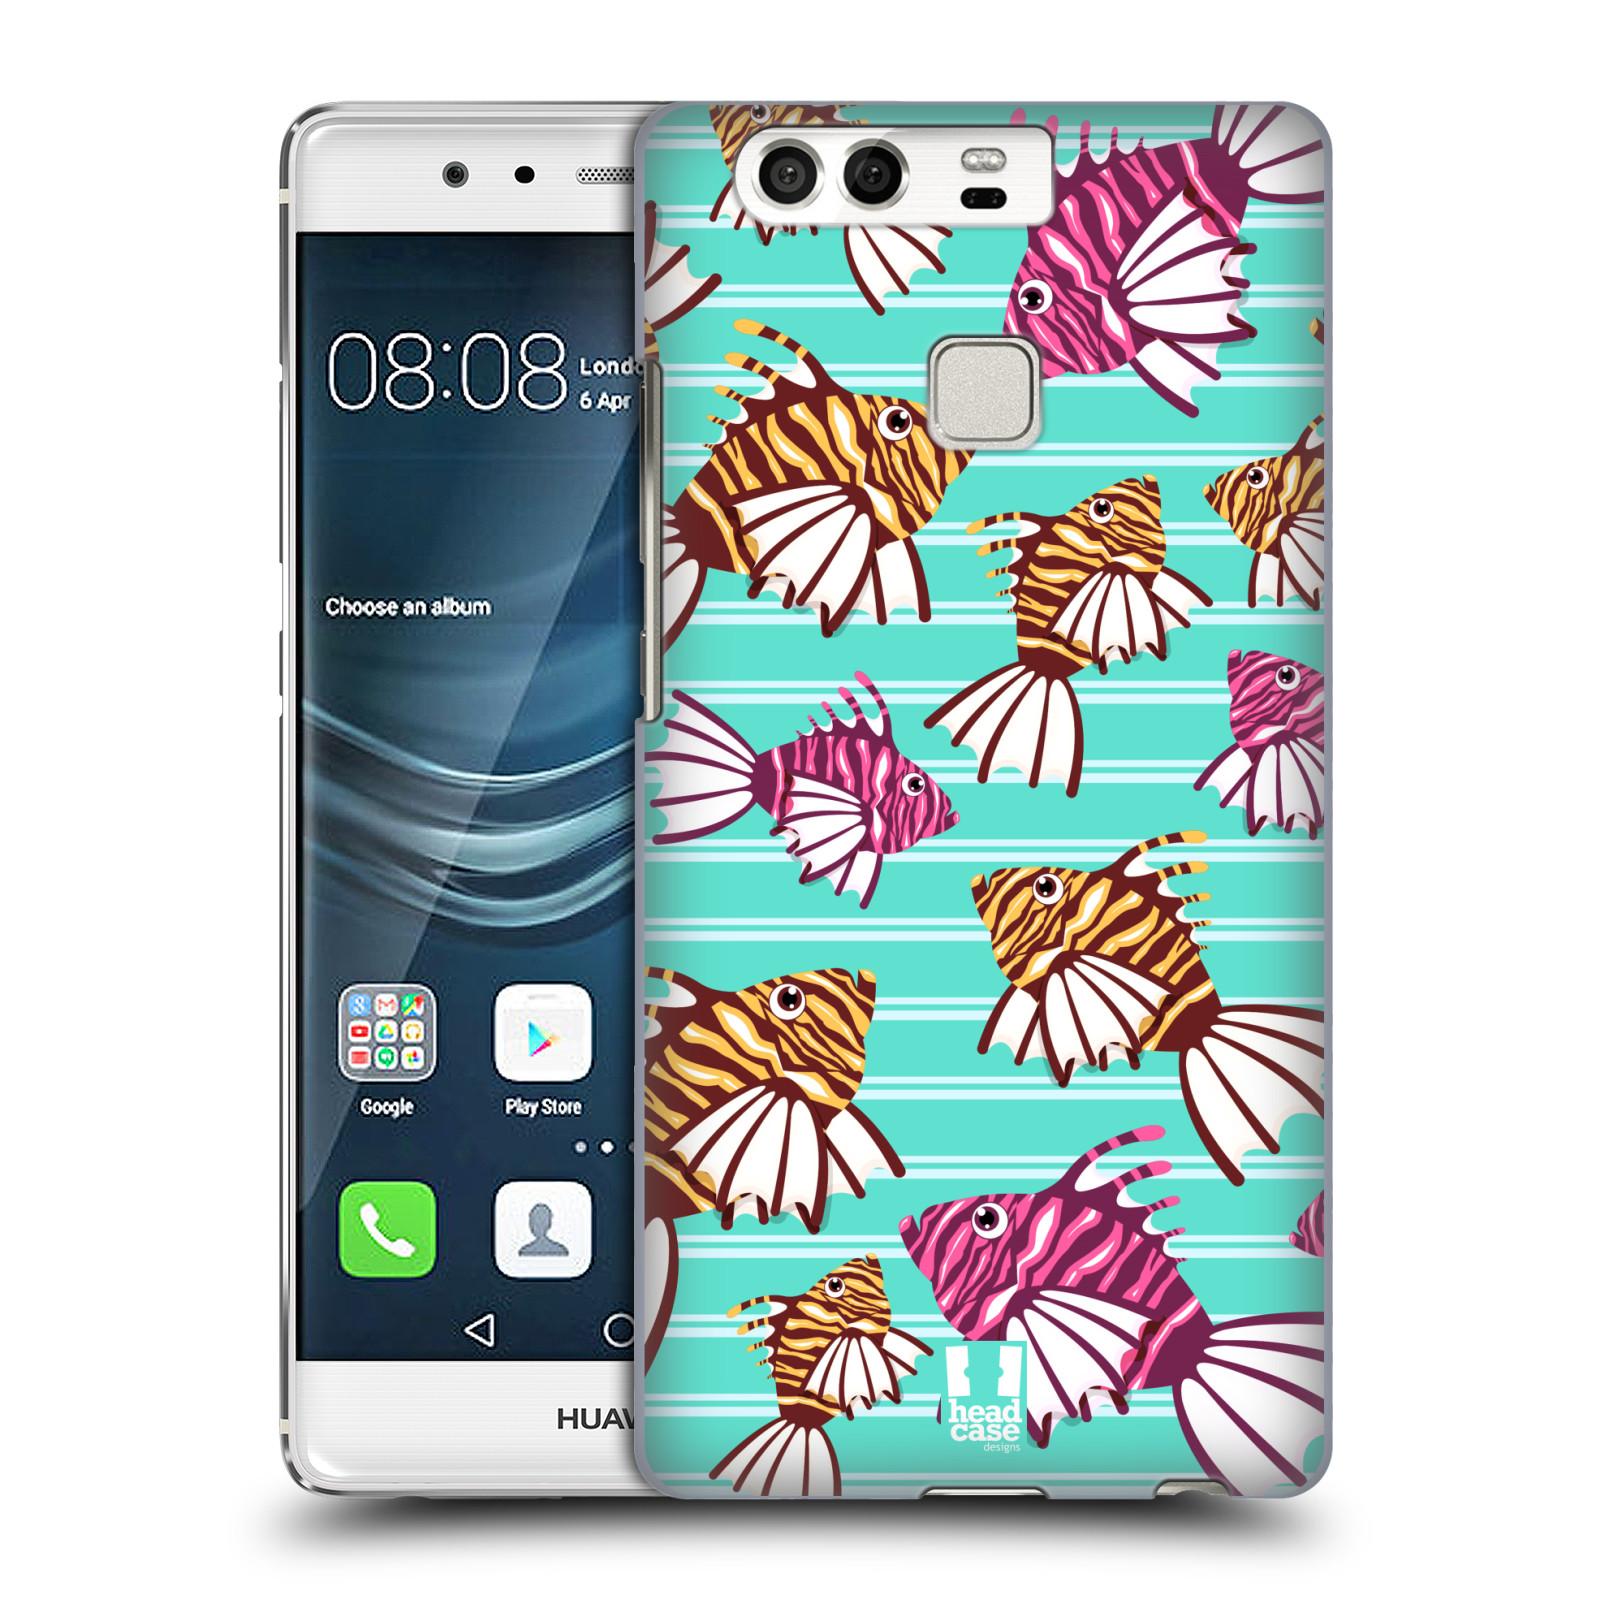 HEAD CASE plastový obal na mobil Huawei P9 / P9 DUAL SIM vzor mořský živočich ryba